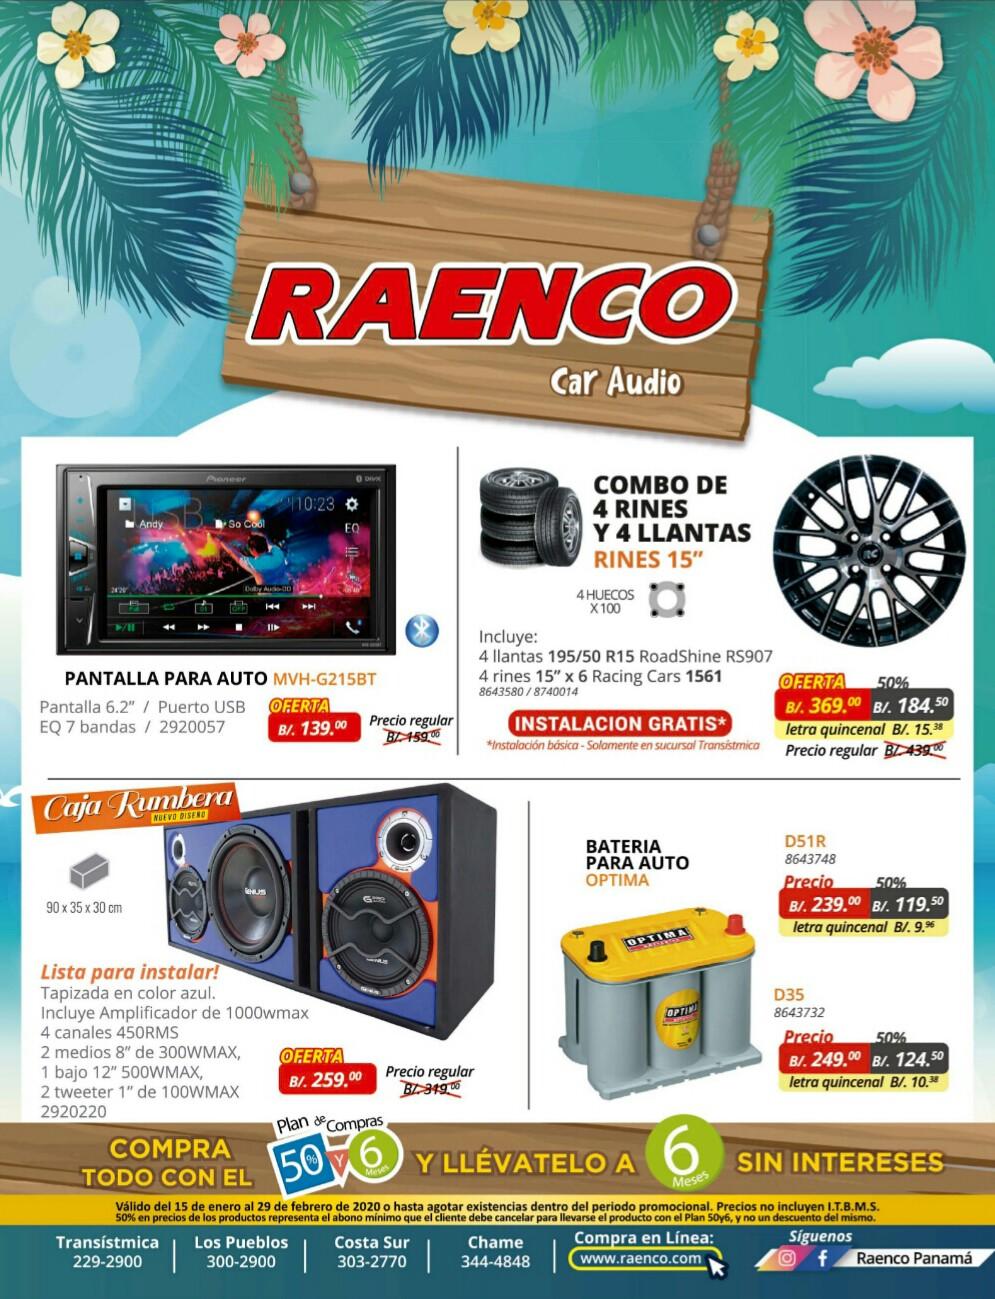 Catalogo Raenco Verano 2020 p20